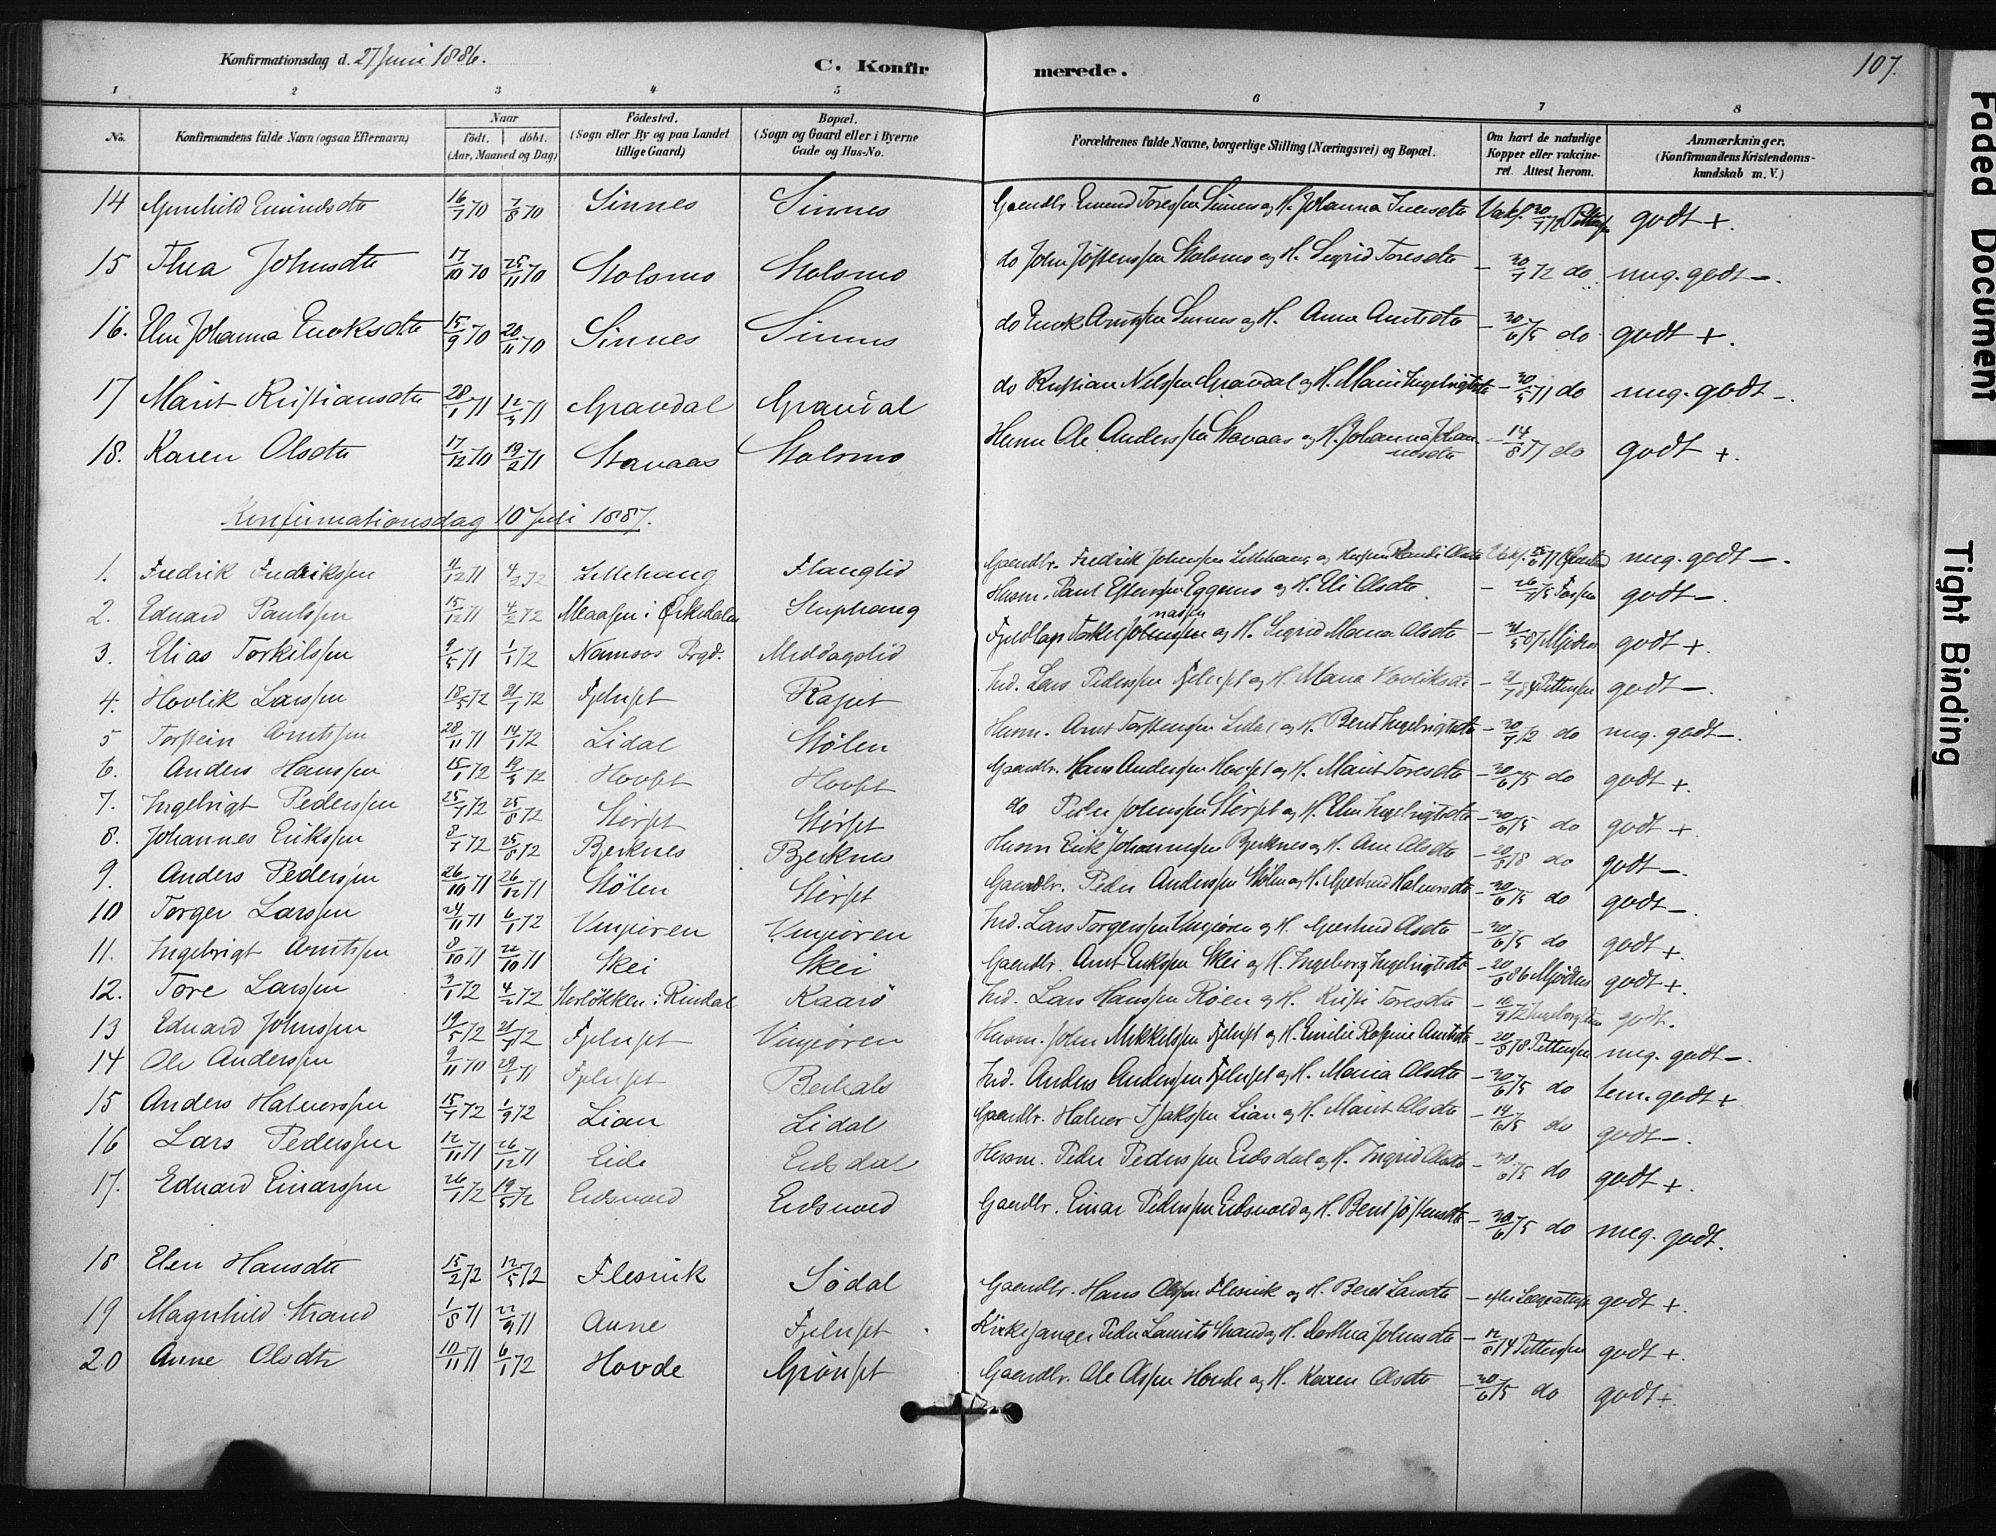 SAT, Ministerialprotokoller, klokkerbøker og fødselsregistre - Sør-Trøndelag, 631/L0512: Ministerialbok nr. 631A01, 1879-1912, s. 107